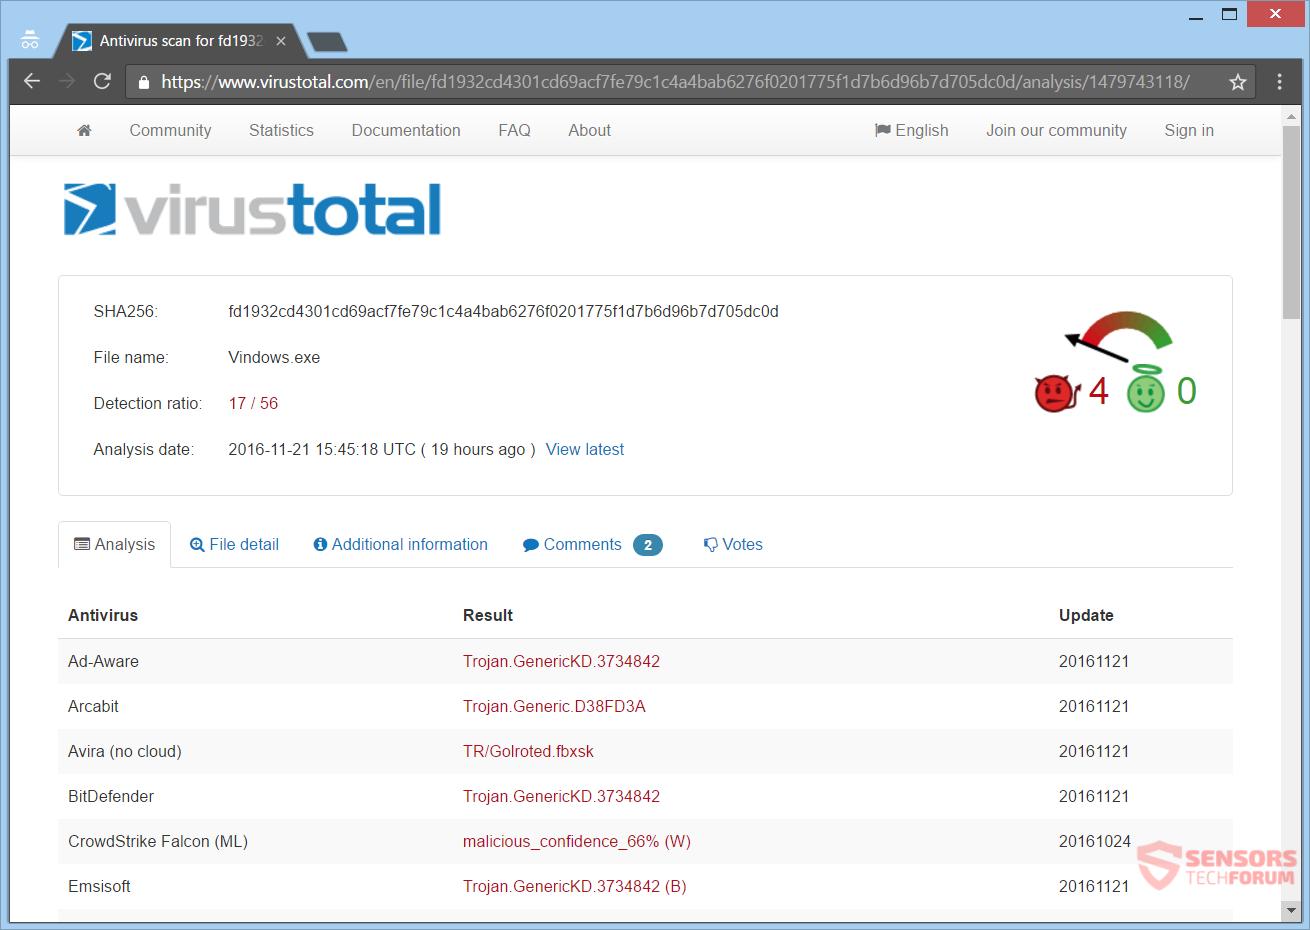 stf-vindows-locker-ransomware-virus-total-virustotal-detections